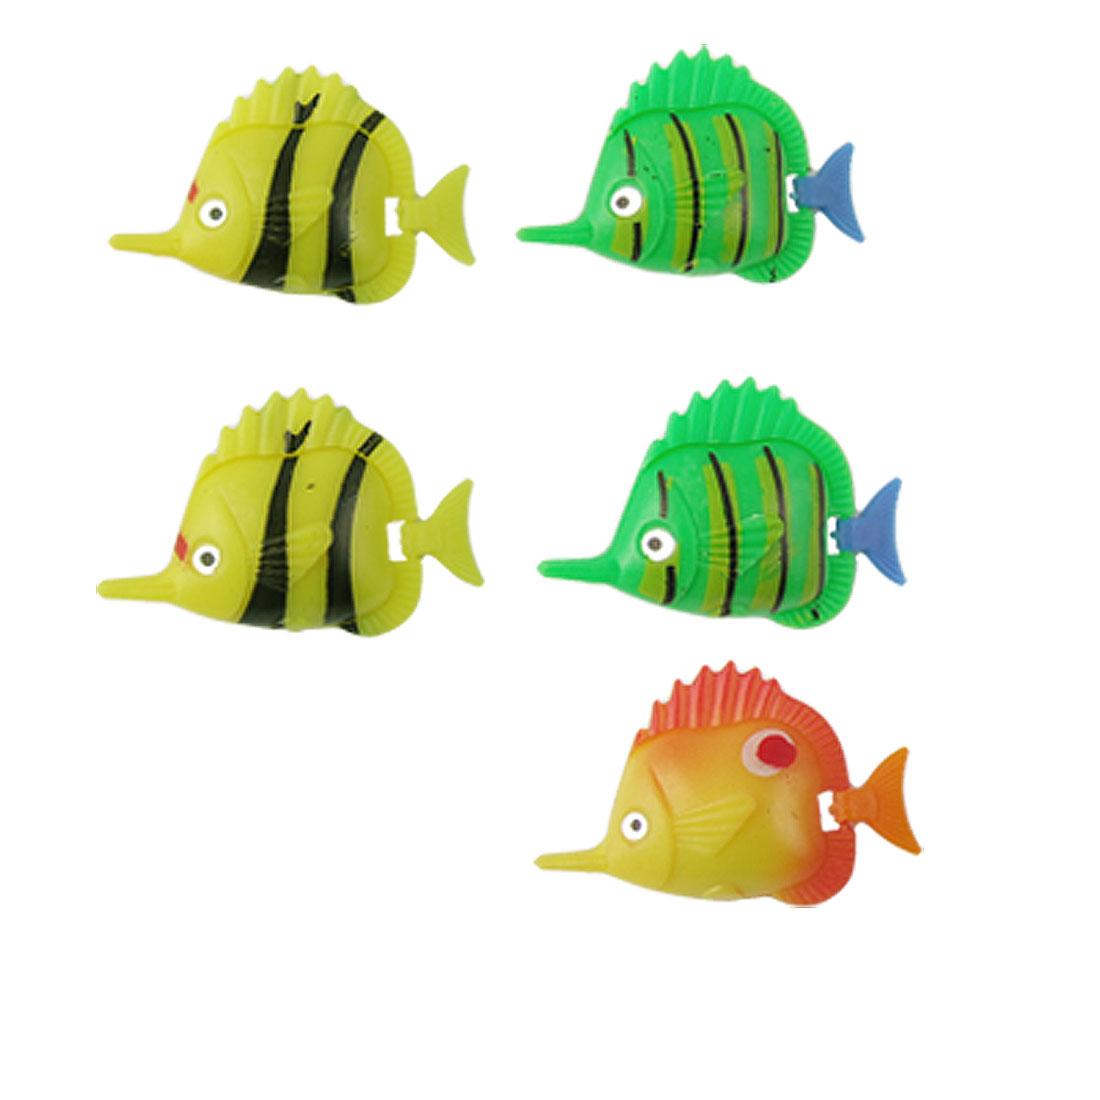 Artificial Plastic Movable Tail Fish Decor 5 Pcs for Aquarium